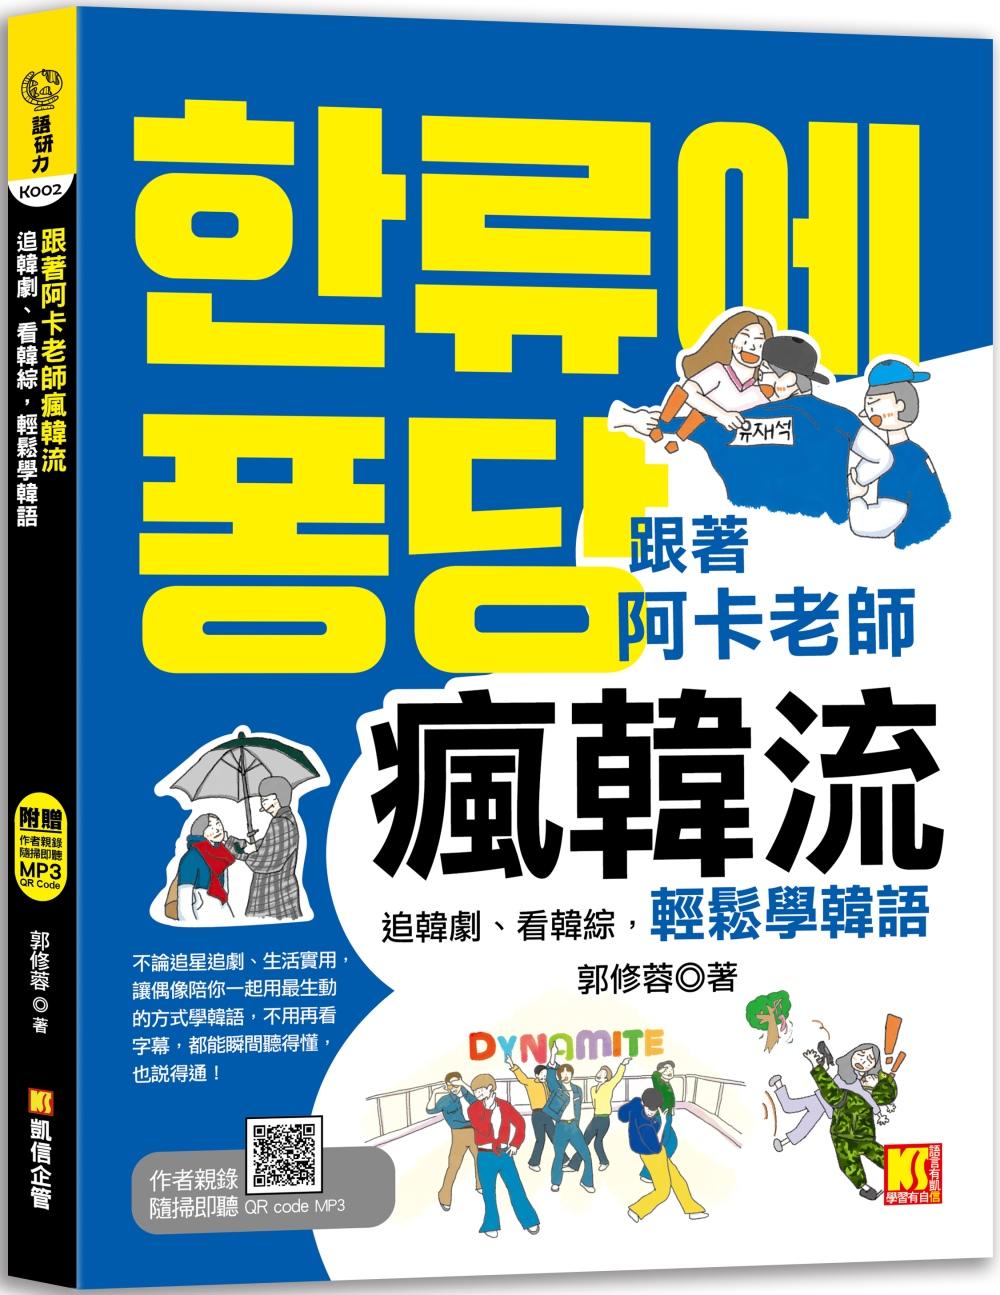 跟著阿卡老師瘋韓流:追韓劇、看...